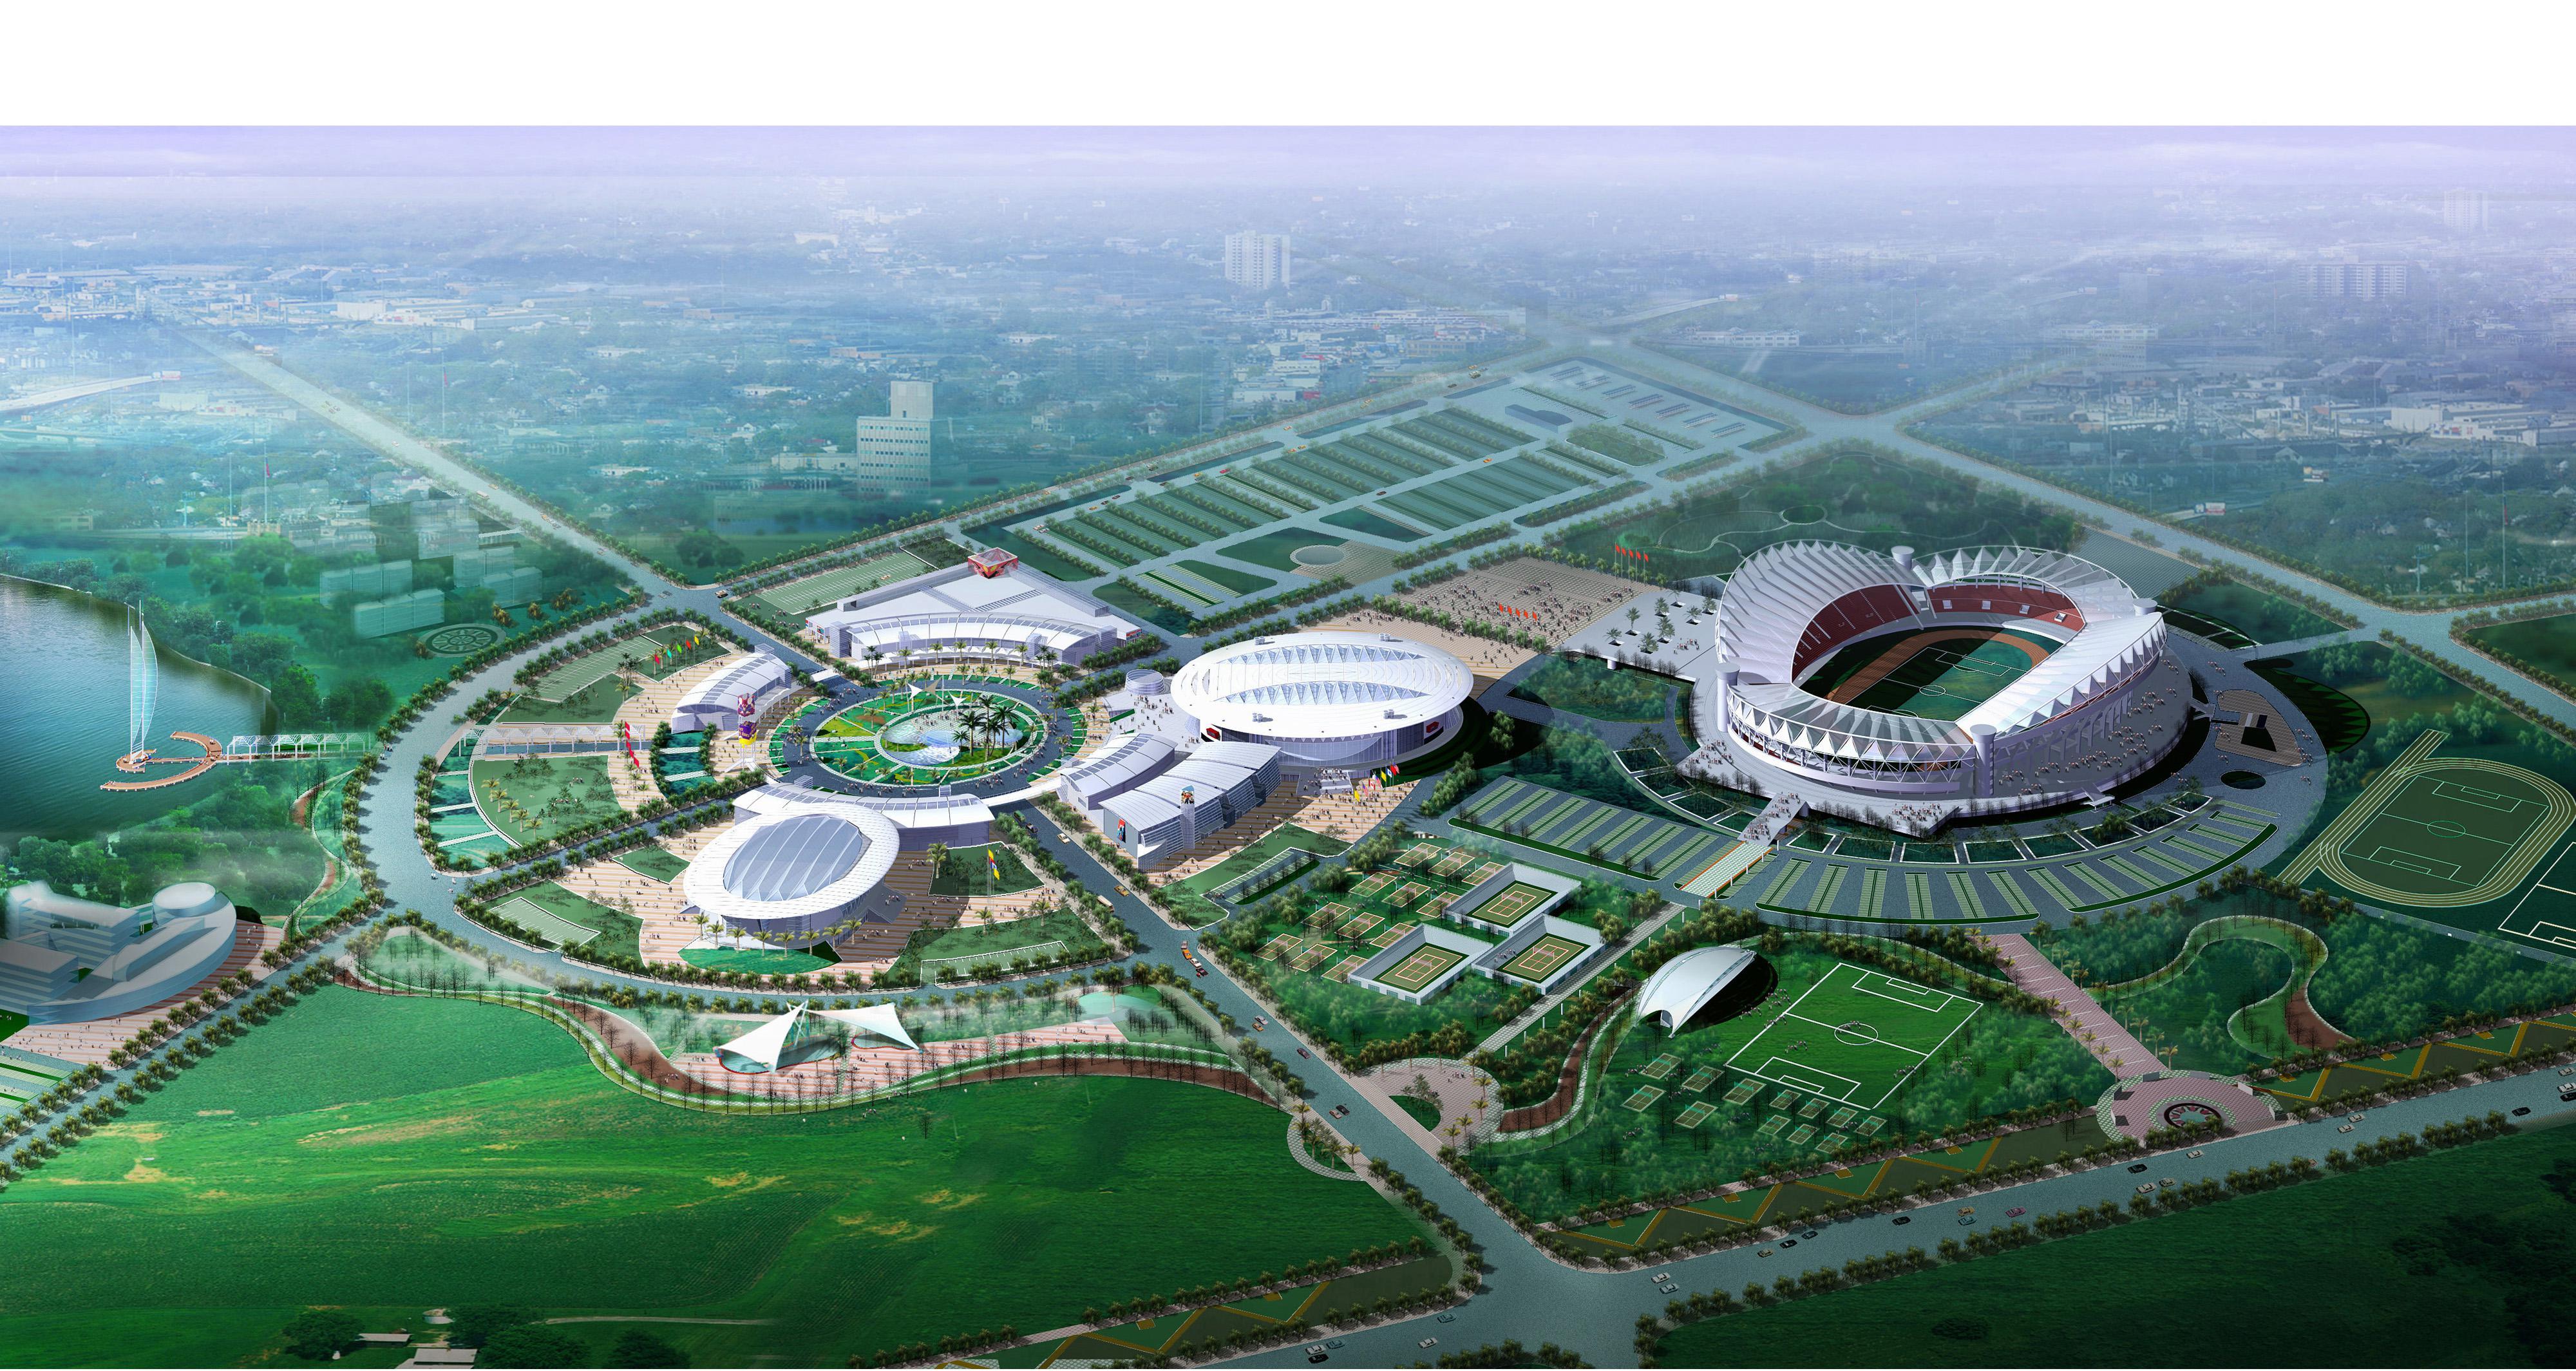 汽摩运动大会将于武汉开幕 花式极限摩托打头阵